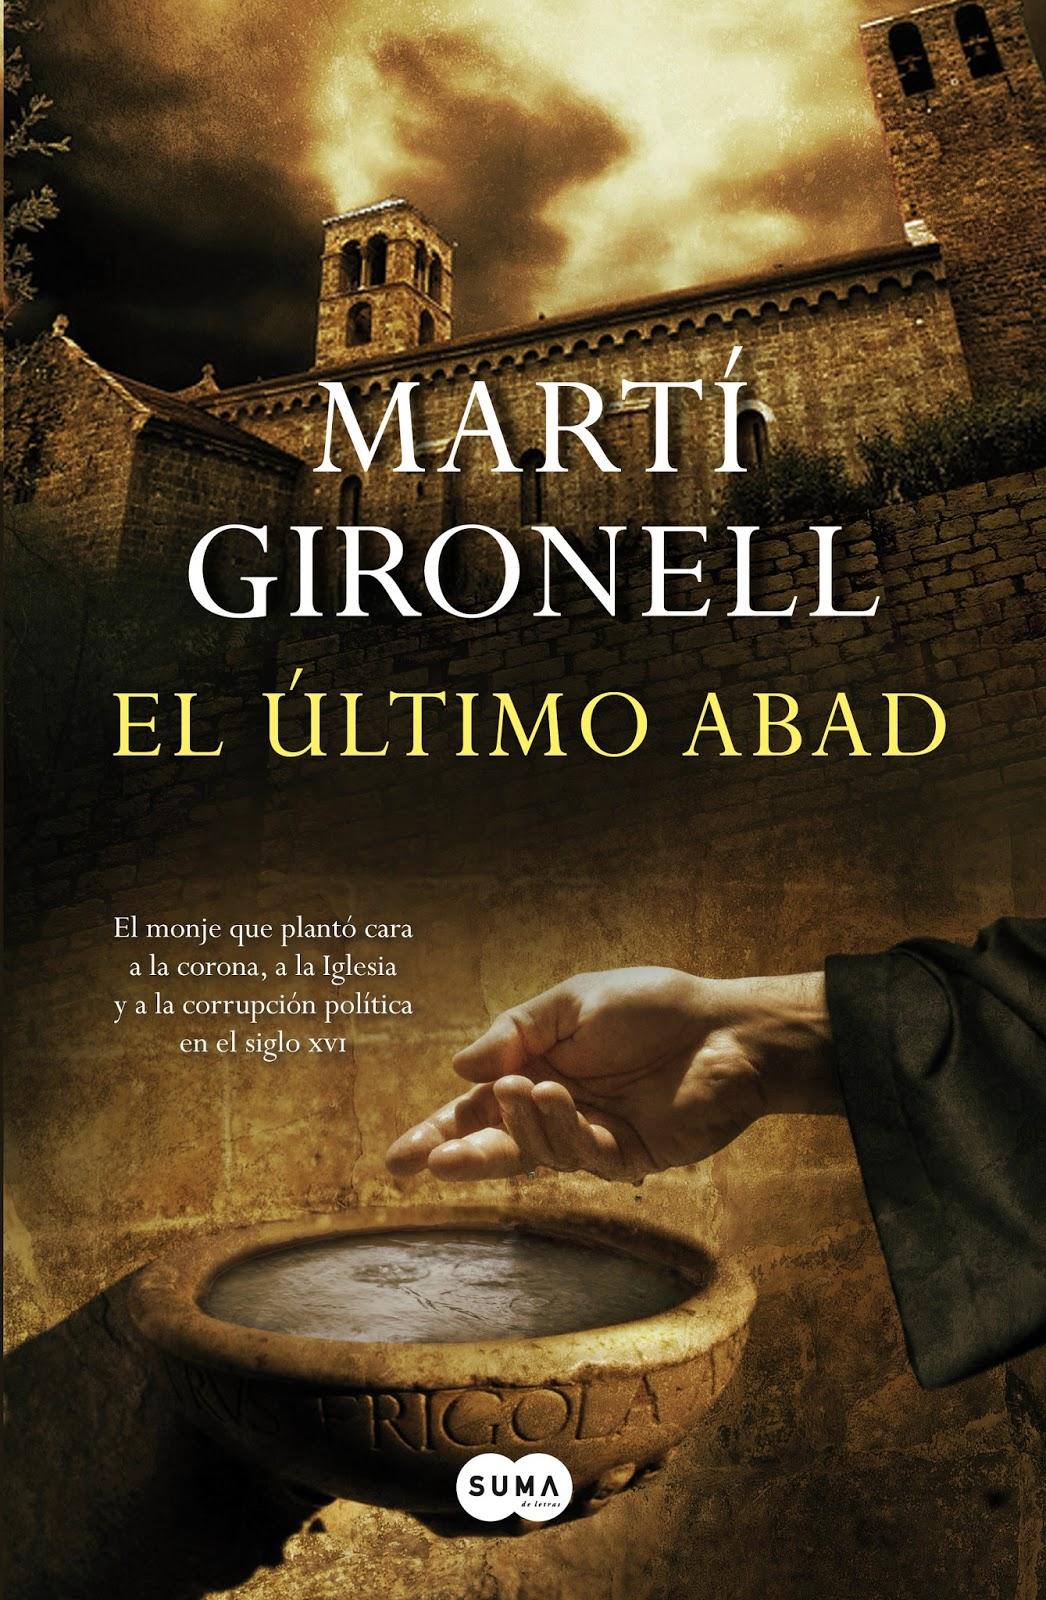 El último abad - Martí Gironell (2012)